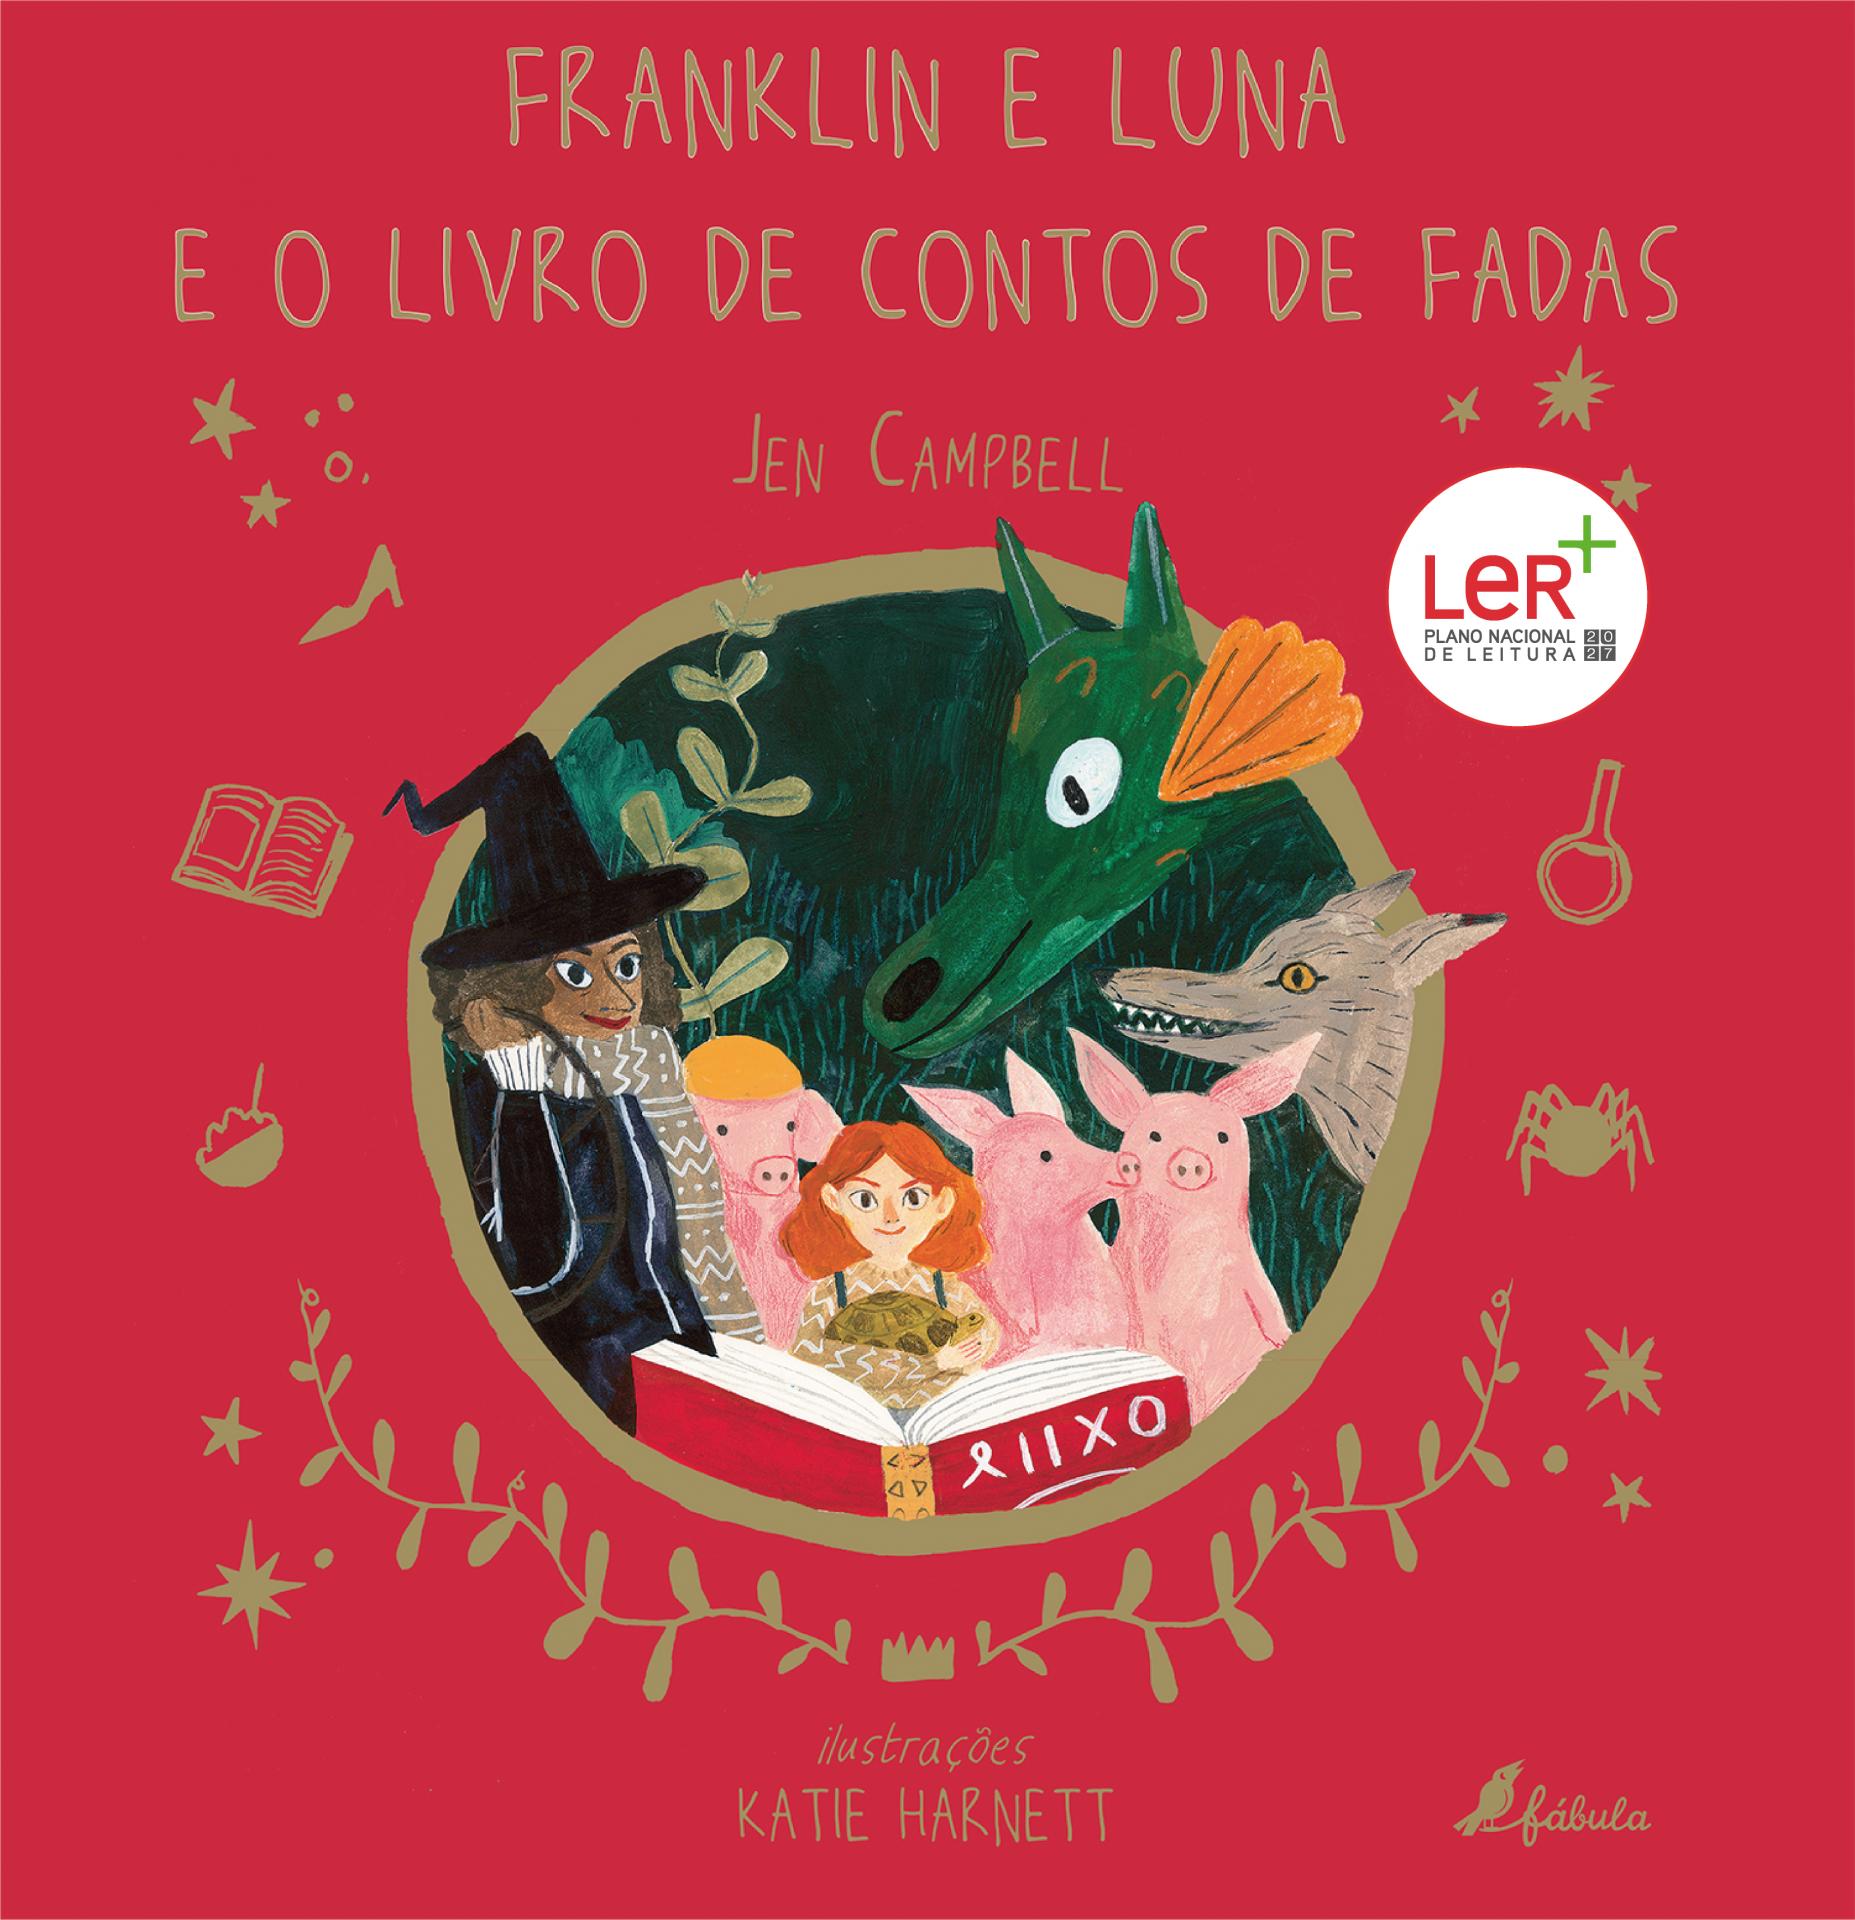 Franklin e Luna e o Livro de Contos de Fadas